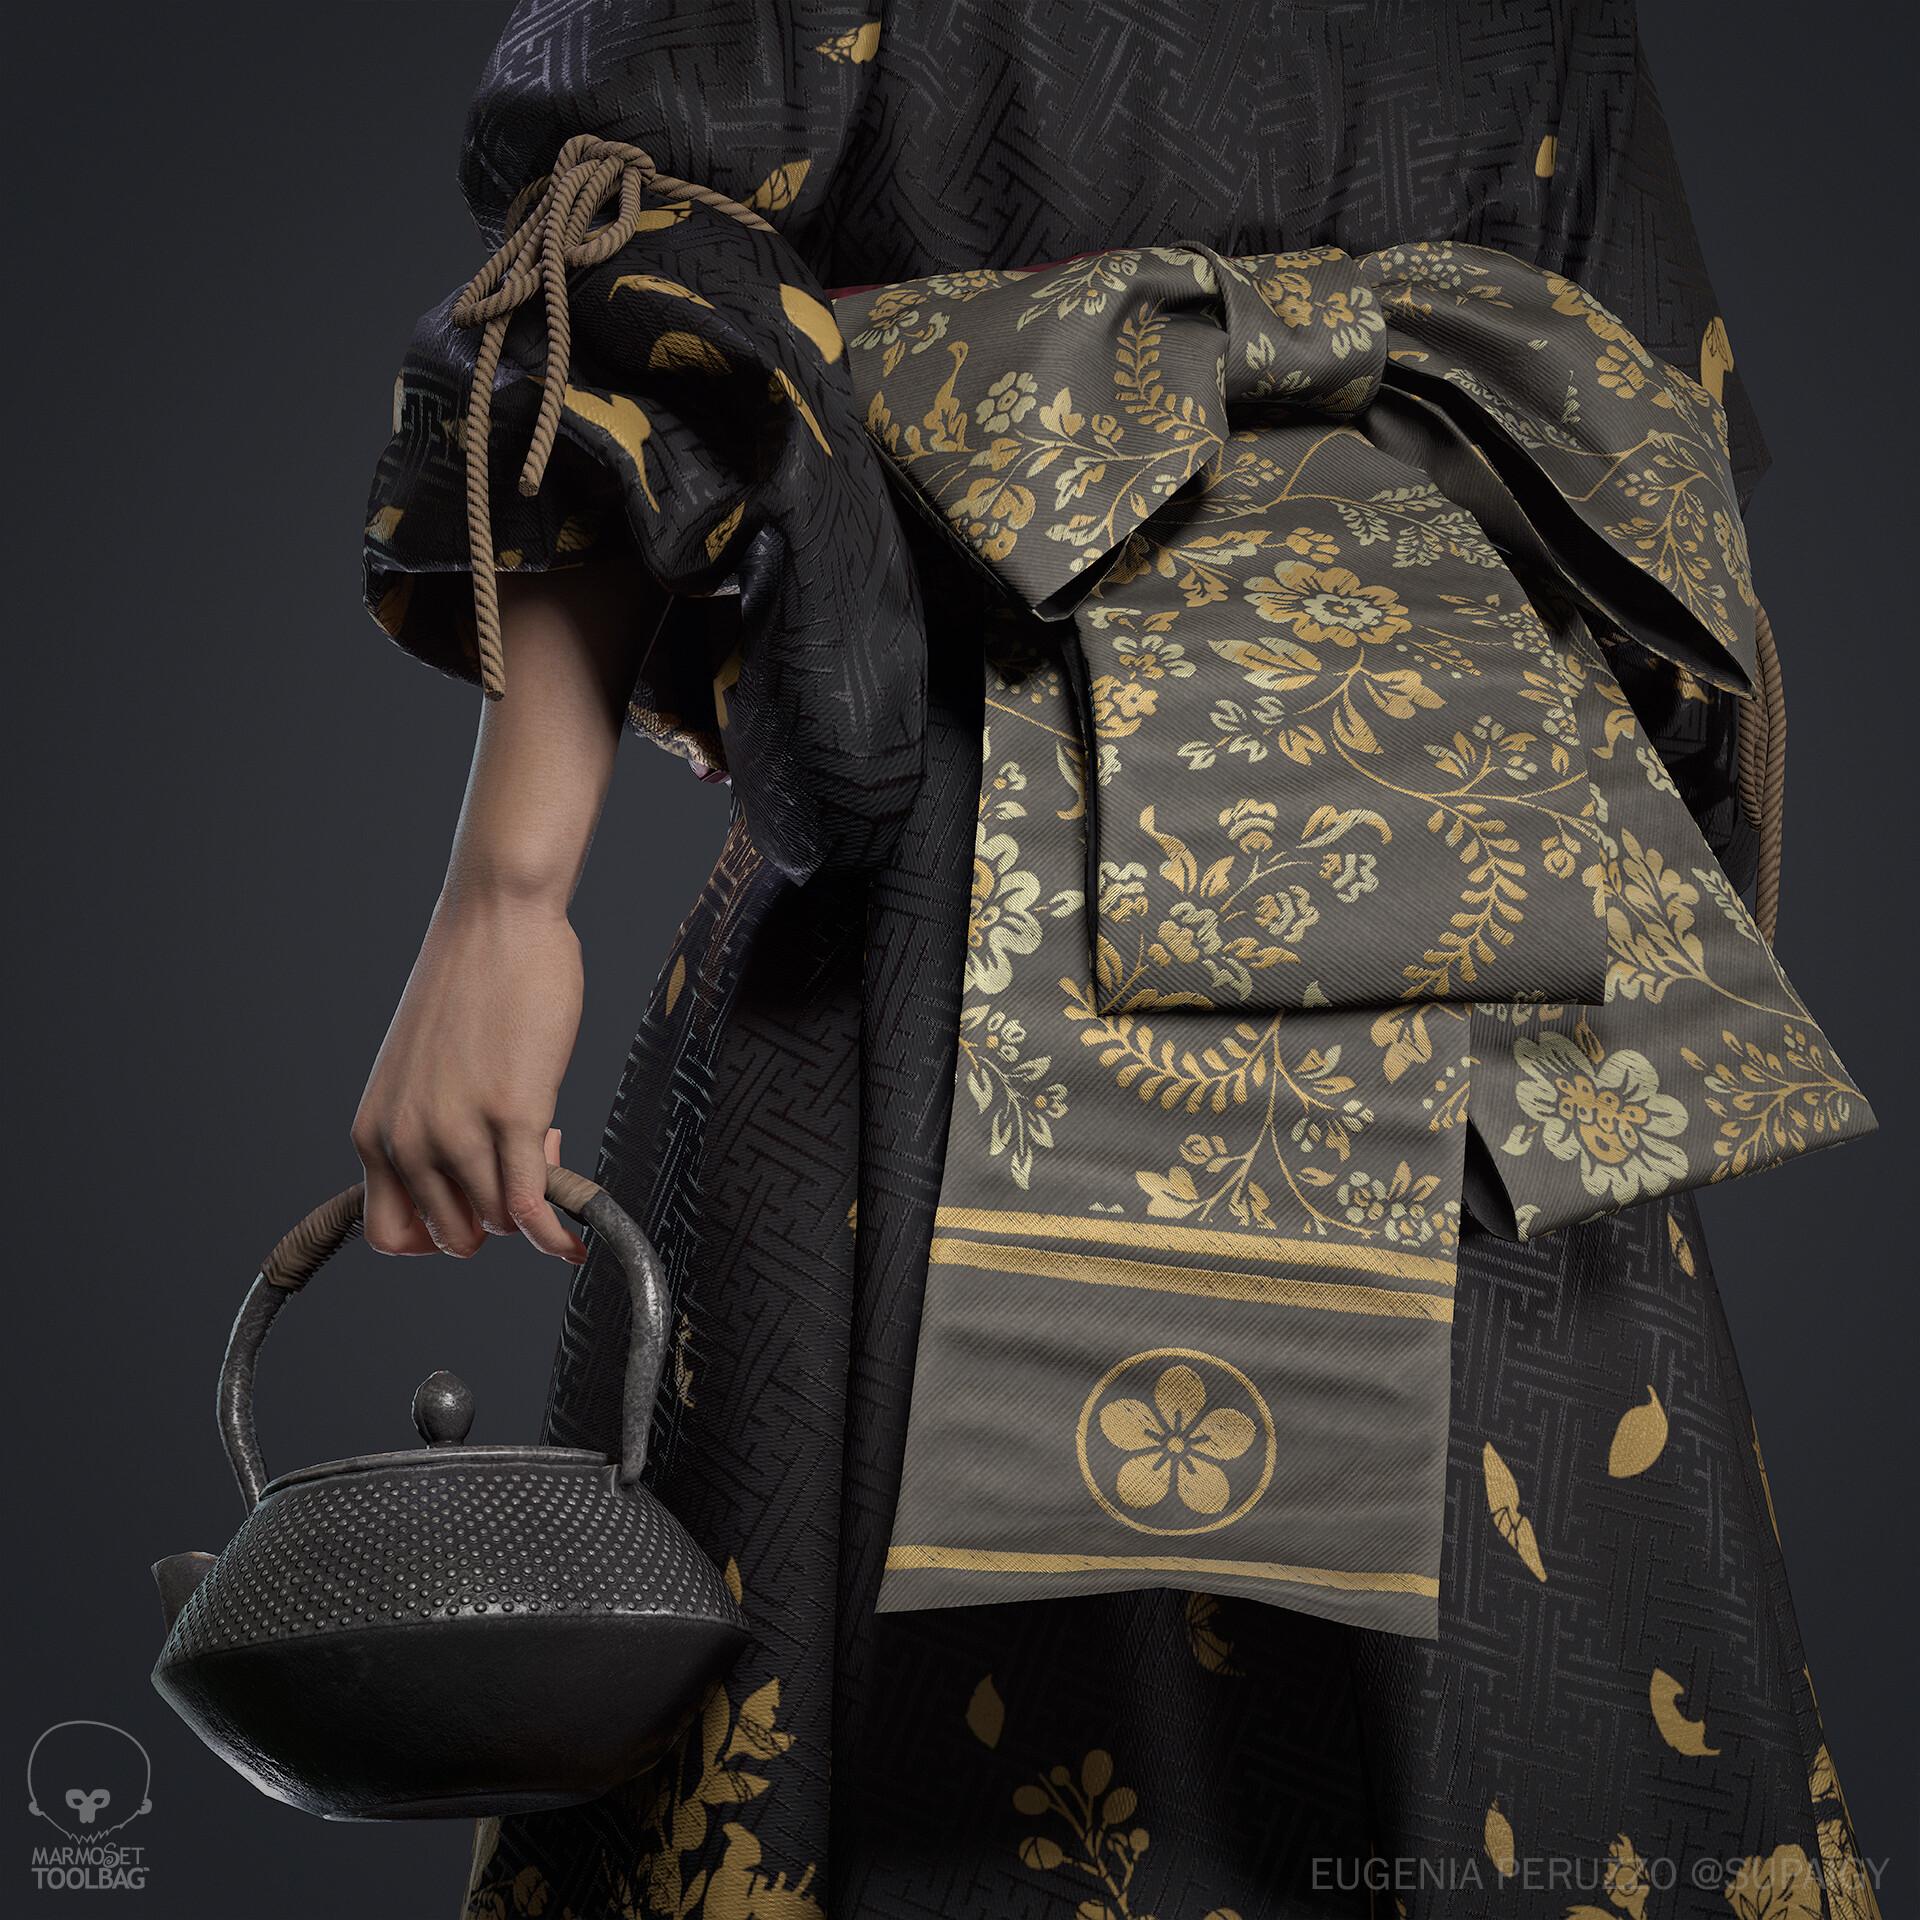 Close-up shot of the geisha's back sash